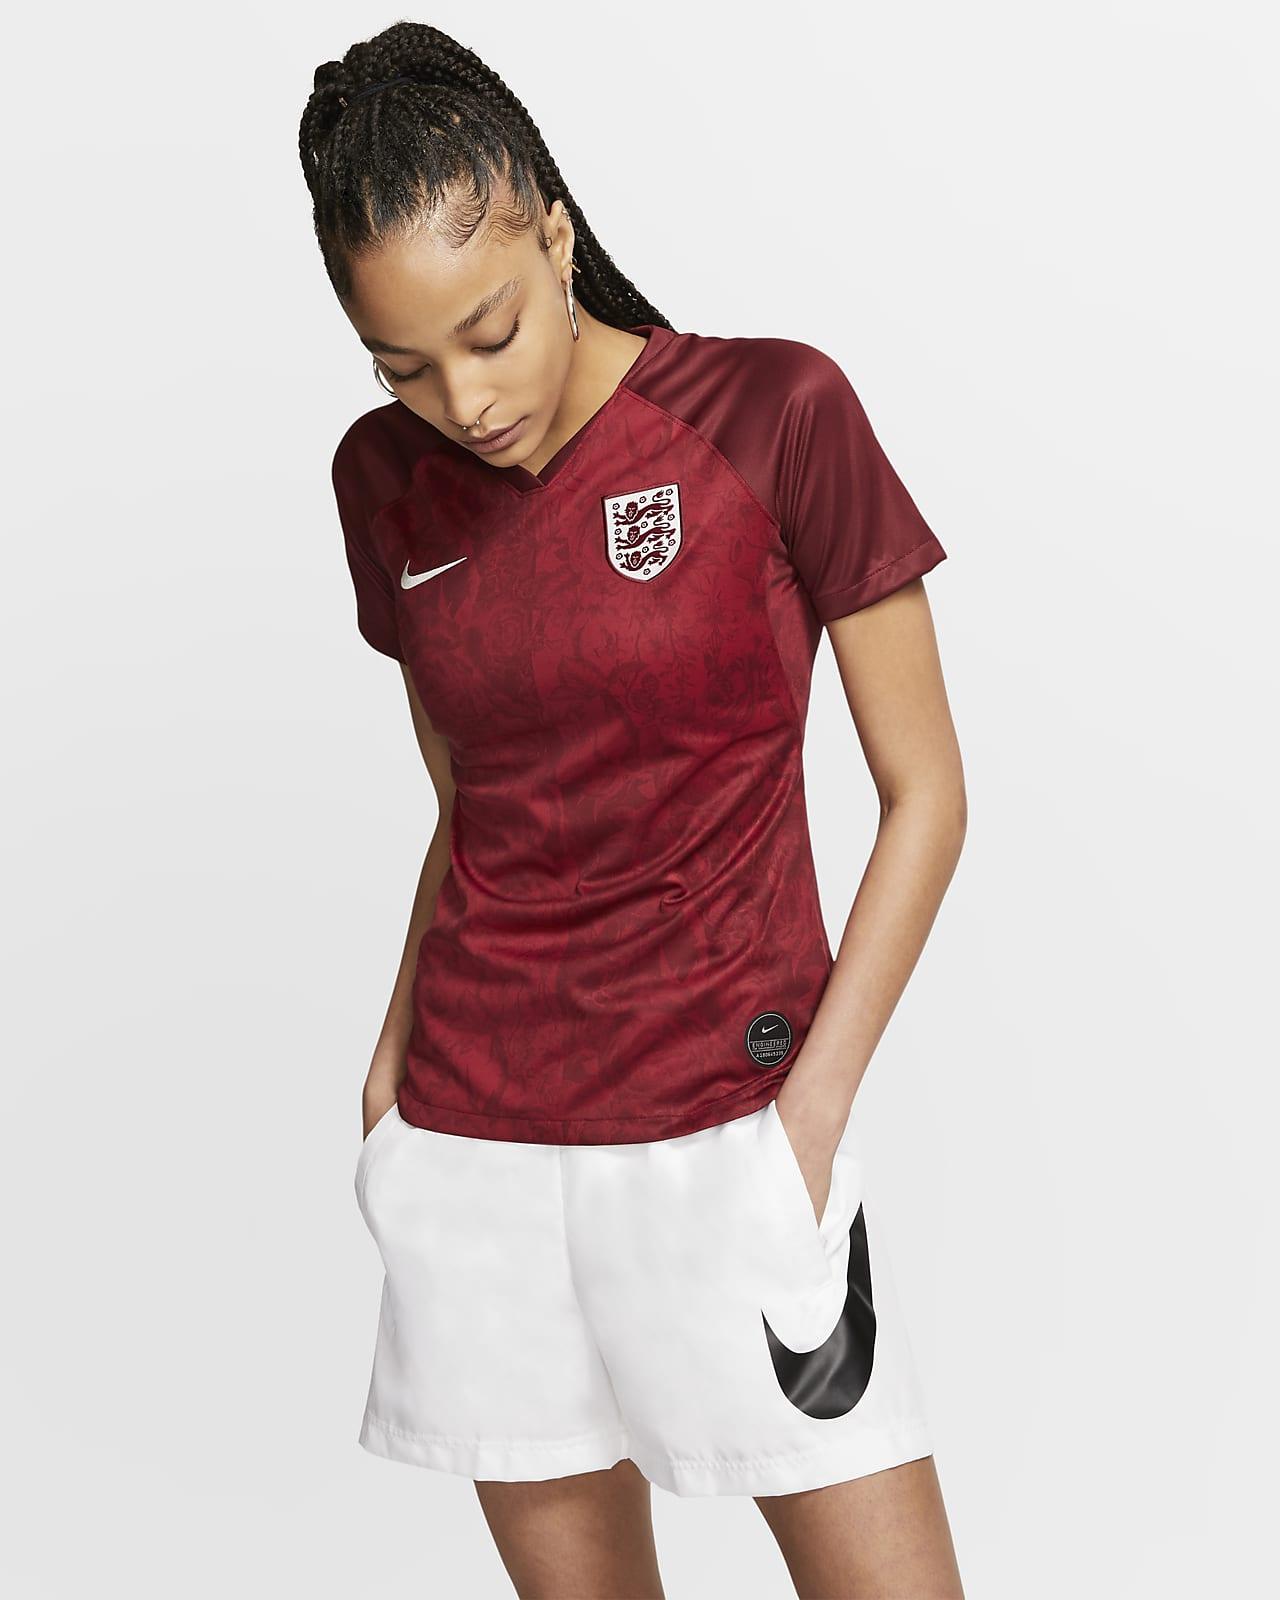 England 2019 Stadium Away Voetbalshirt voor dames